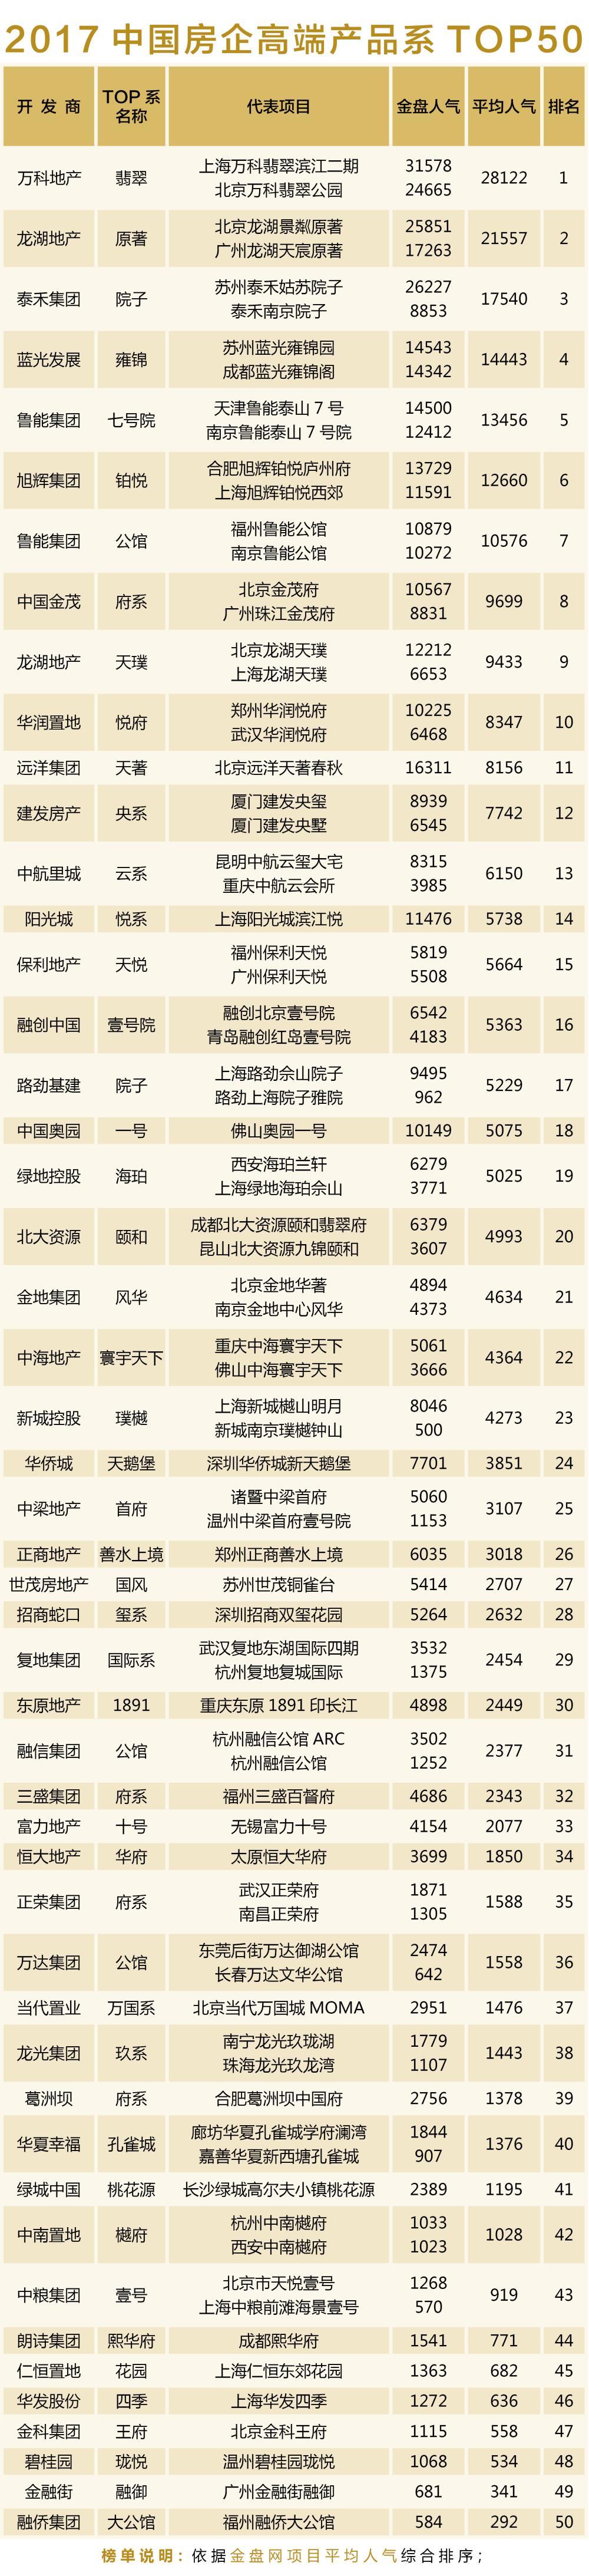 2017中国房企高端产品系TOP50